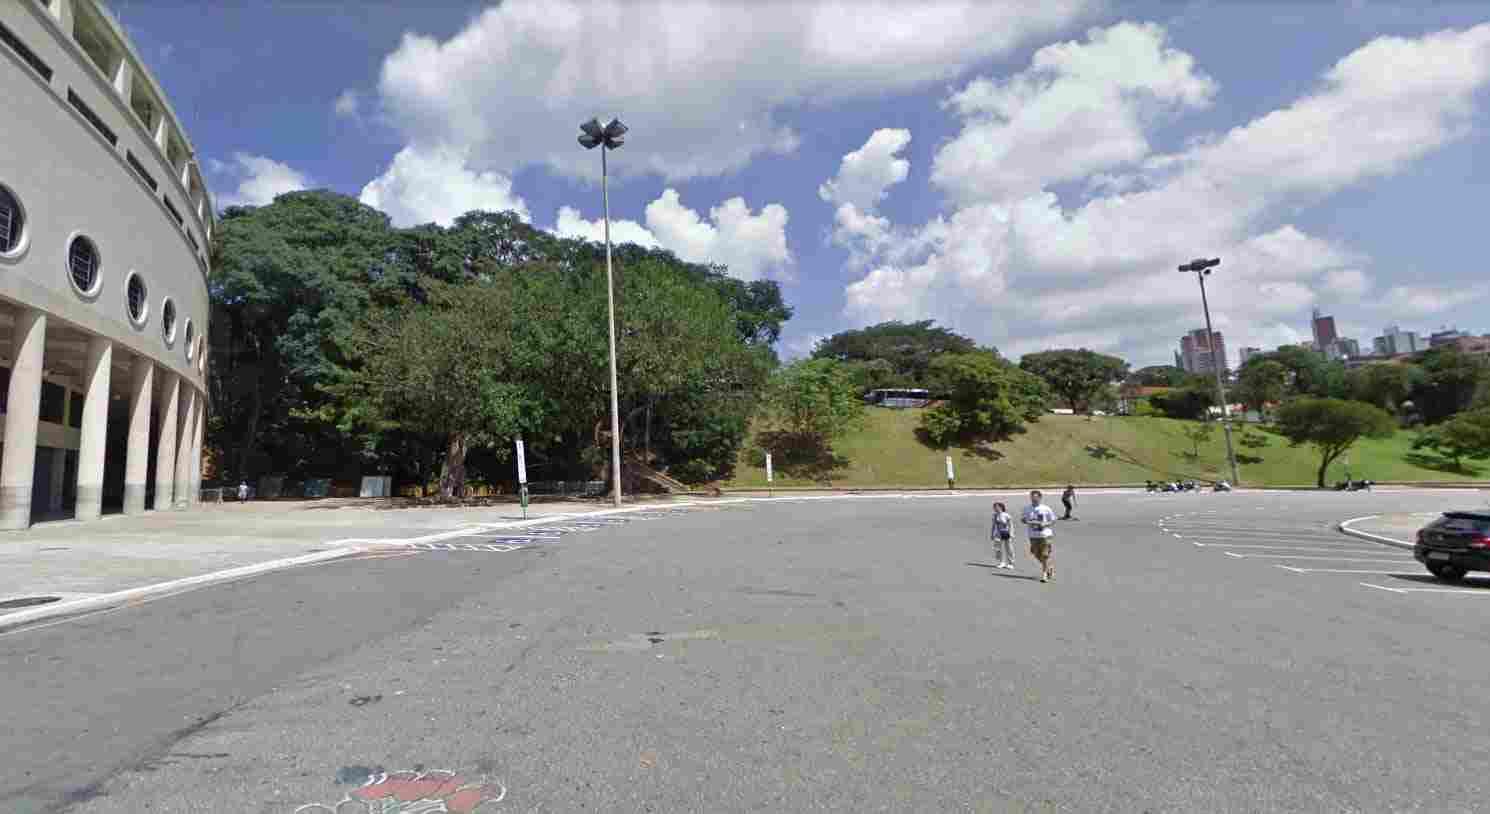 eedb224e7 Motoboy no Pacaembu: entrega com segurança e eficiência garantidas -  Paulista Motoboy